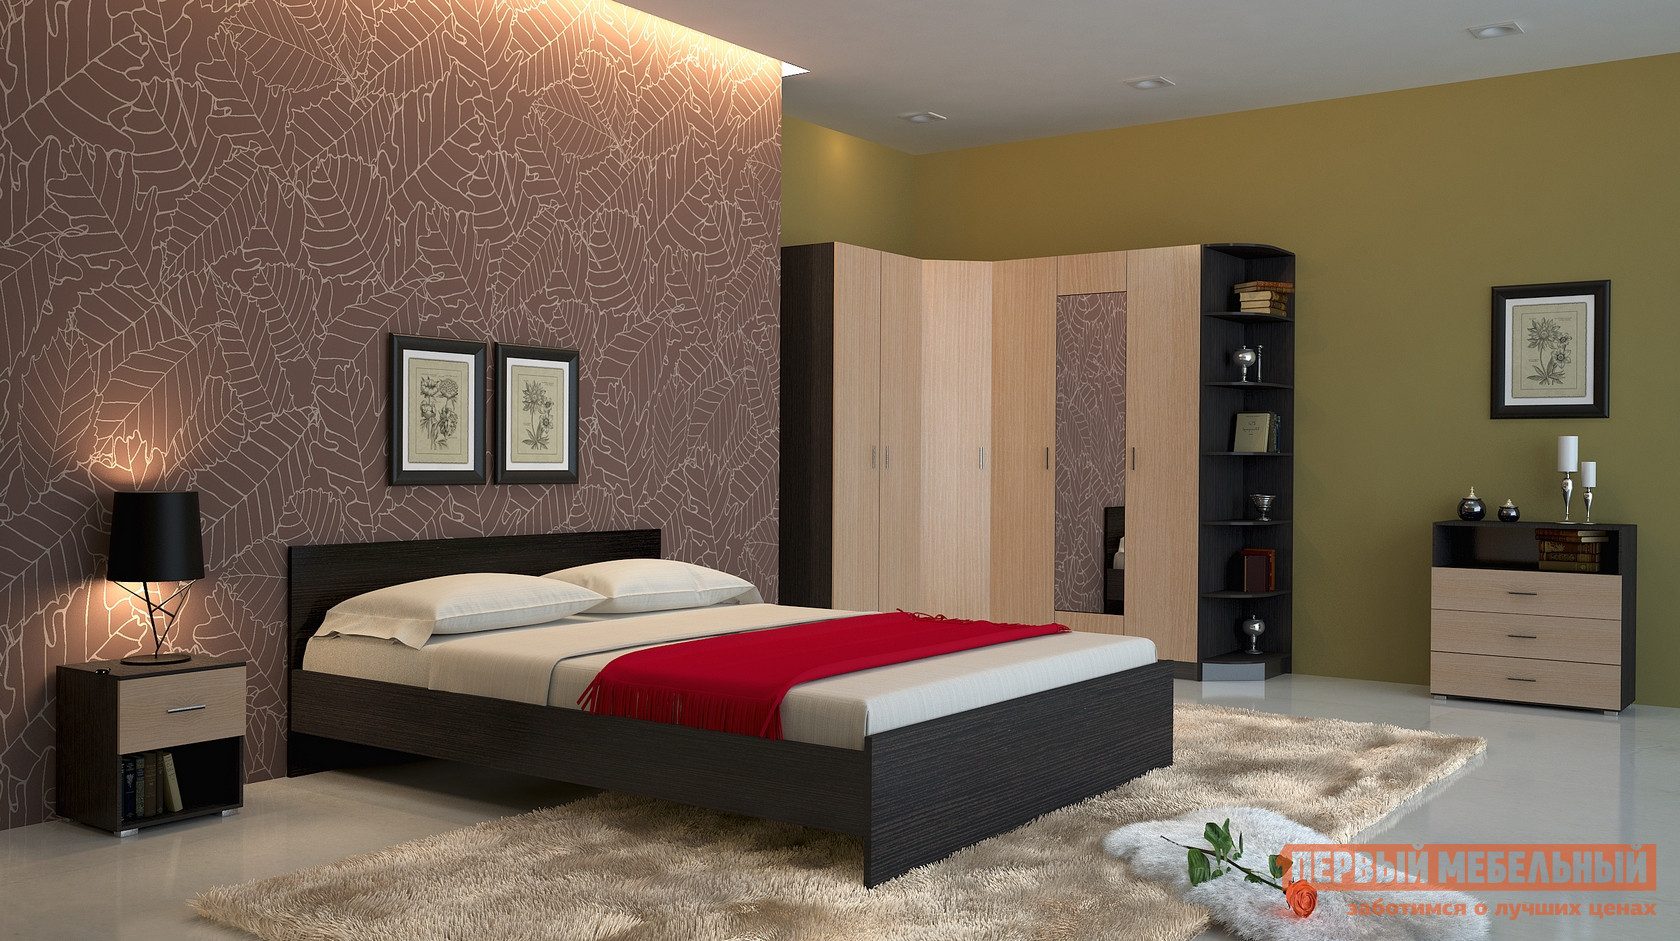 Спальный гарнитур НК-Мебель Паулина К1 спальный гарнитур мебельсон виктория 1 к1